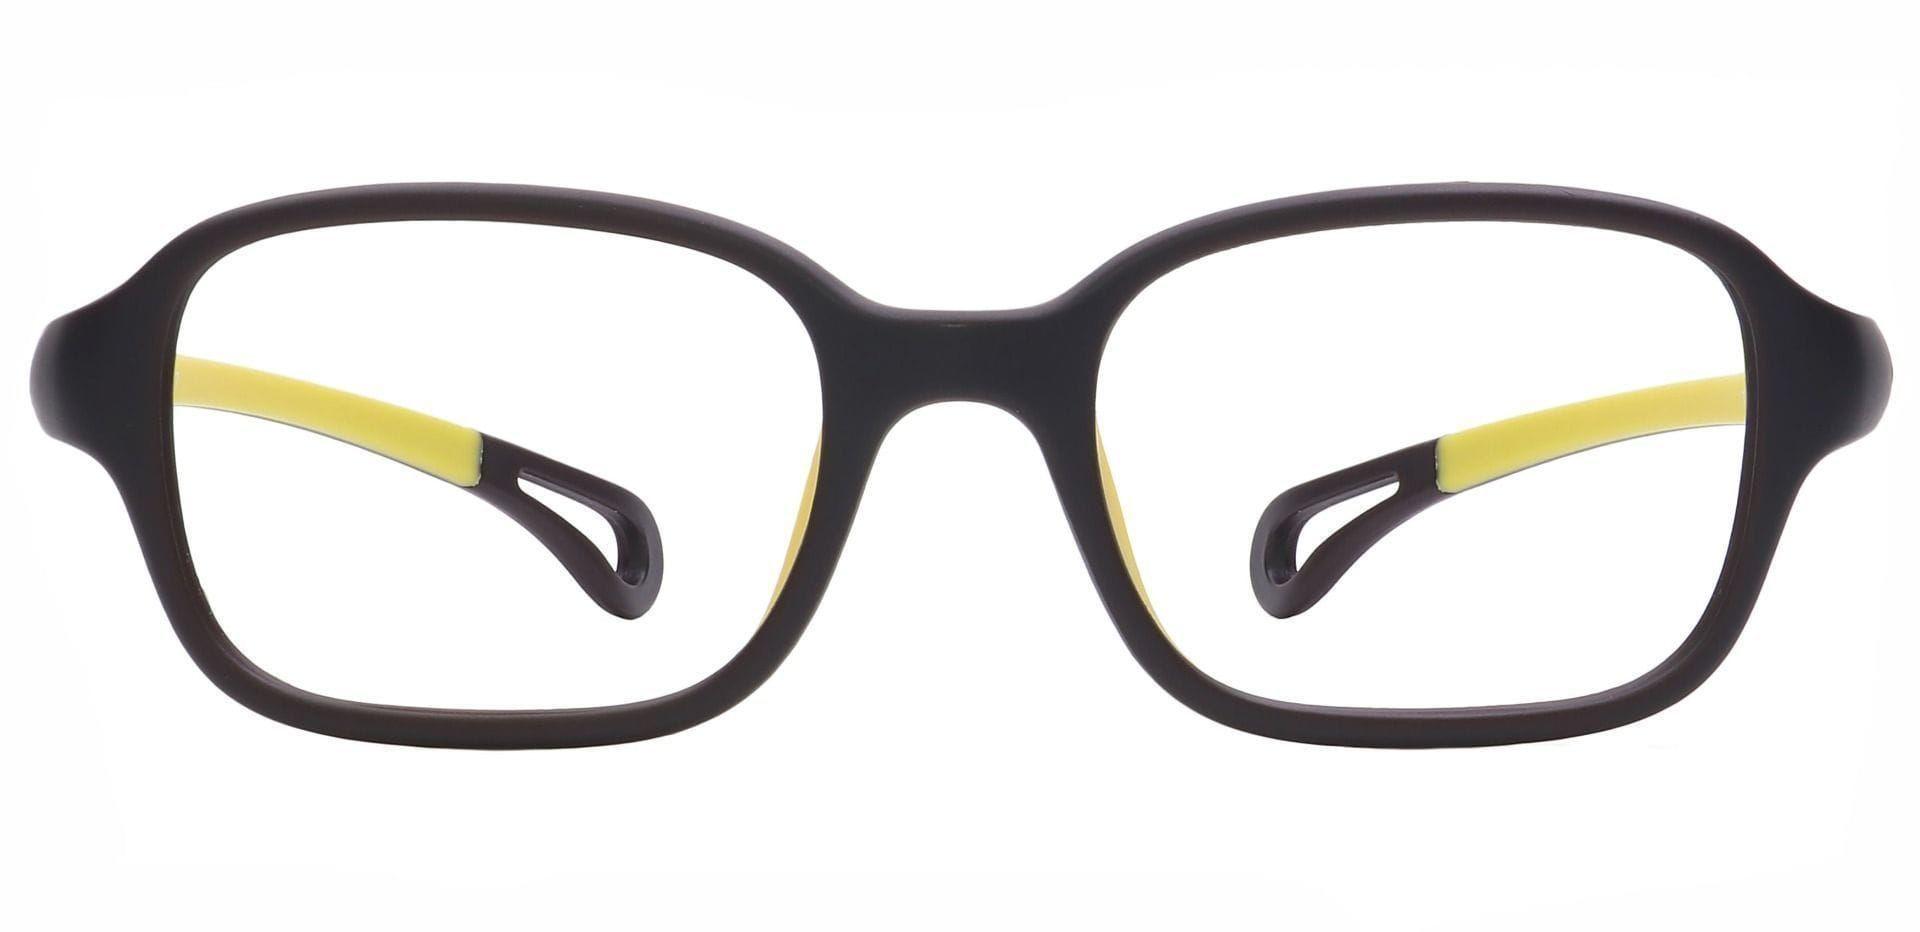 City Rectangle Eyeglasses Frame - Black